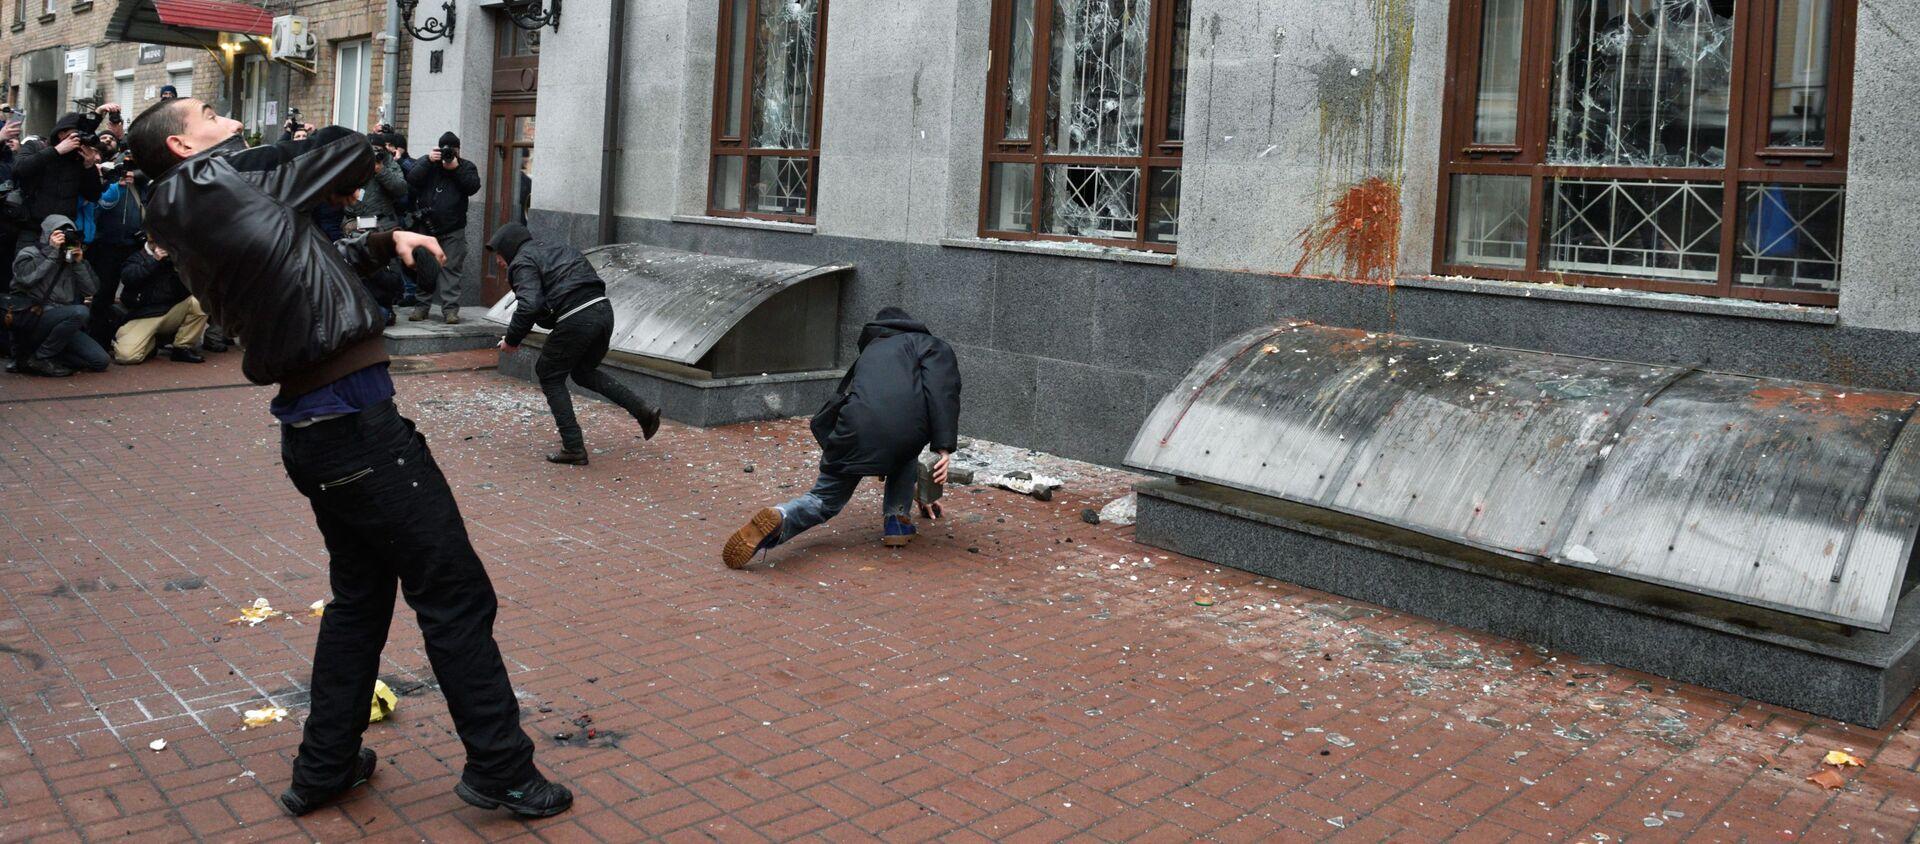 Radykałowie demolują budynek Rossotrudniczestwa w Kijowie, 18 lutego 2018 roku - Sputnik Polska, 1920, 20.02.2018